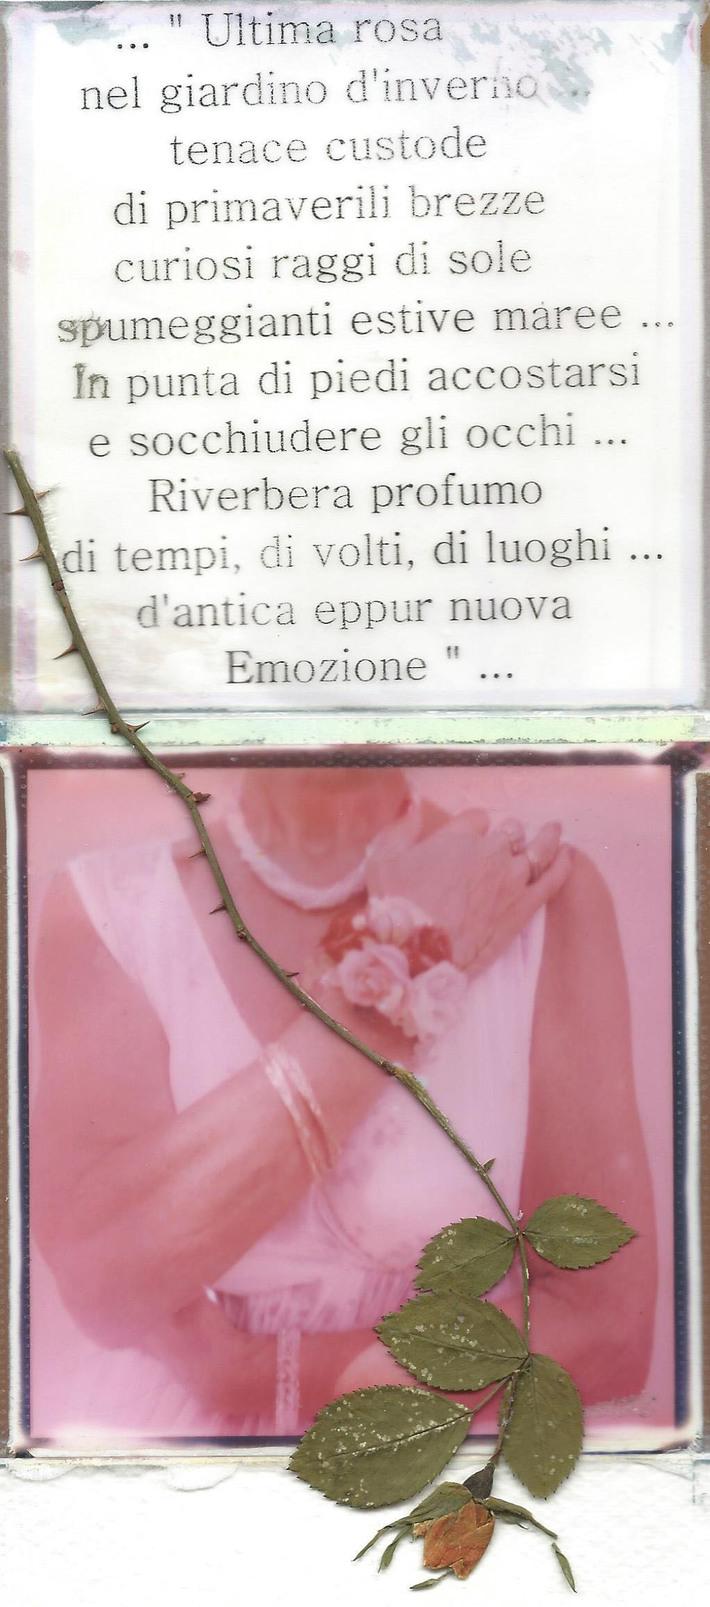 ... ultima rosa di Therry